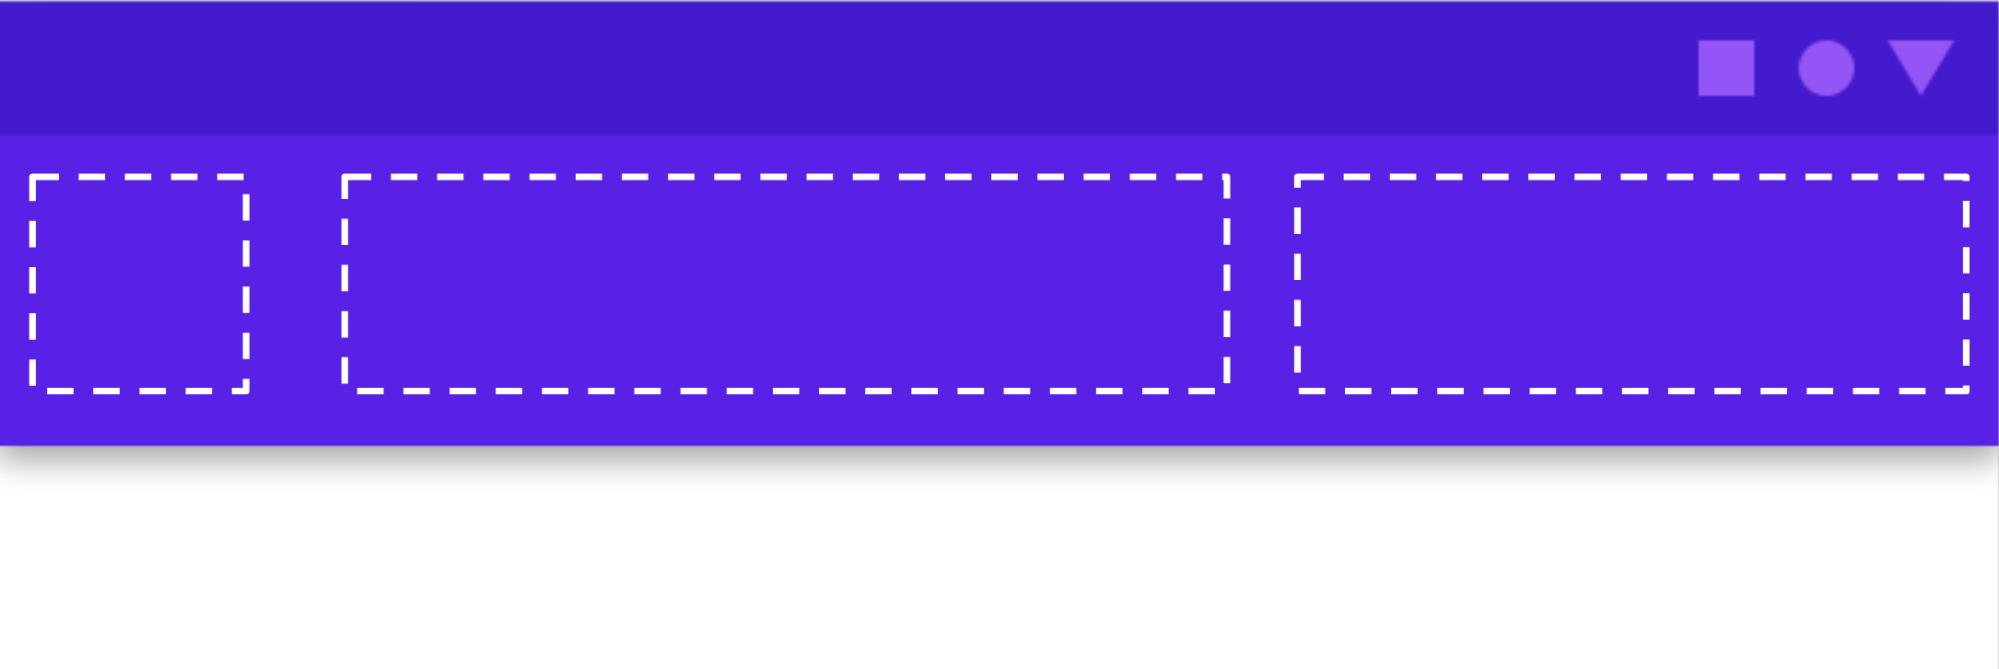 UI 요소를 추가할 수 있는 앱 바의 슬롯 예시